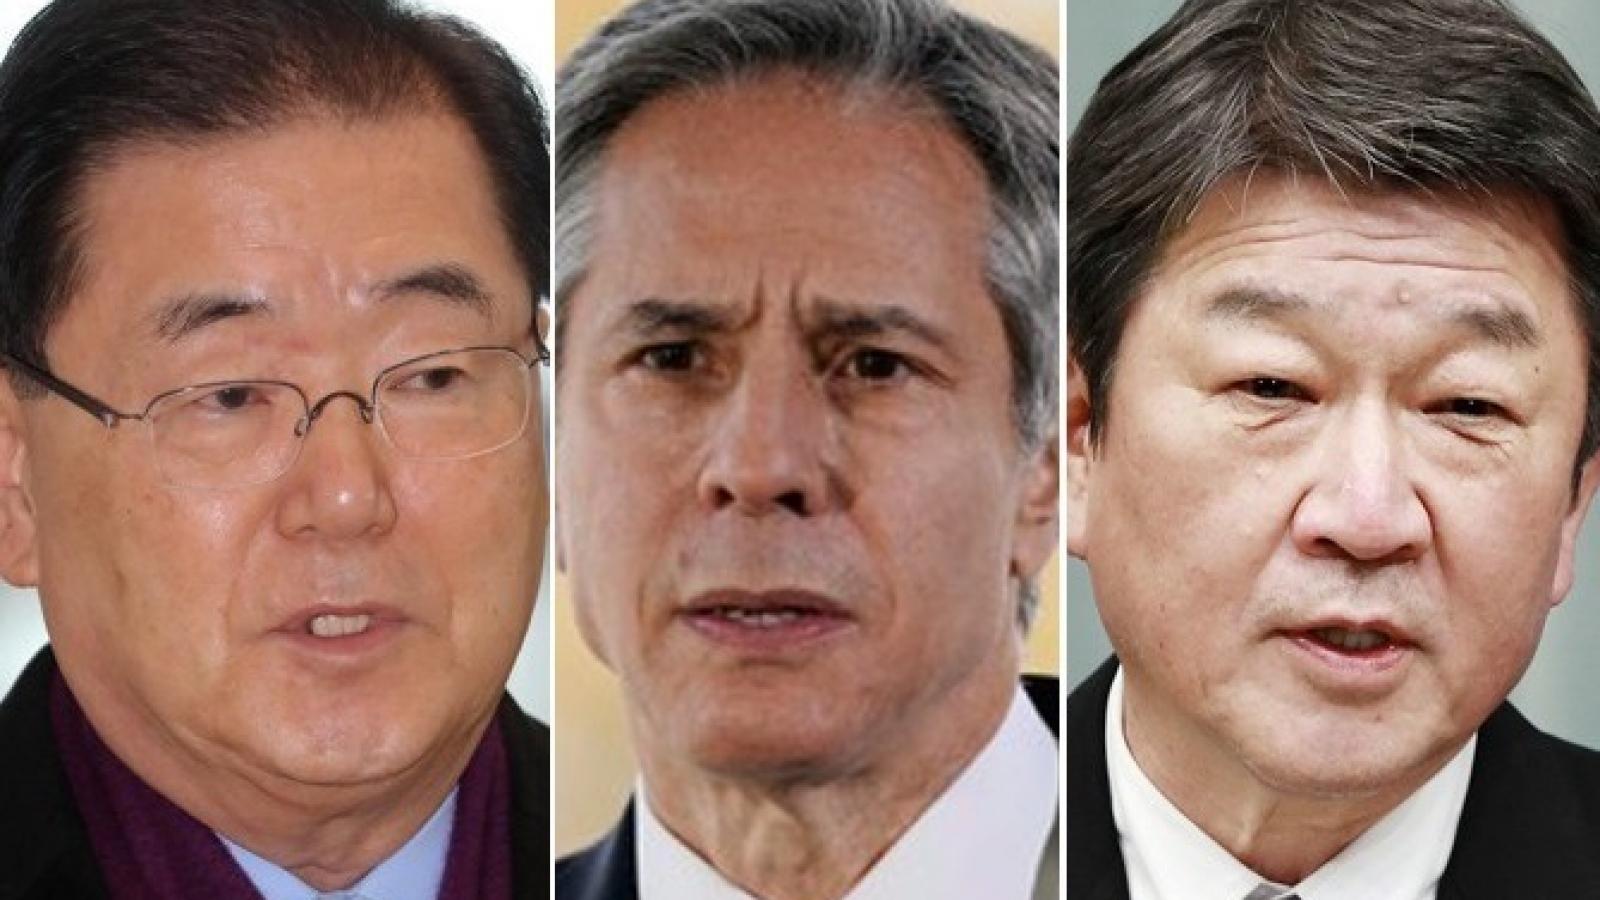 Ngoại trưởng Mỹ-Nhật-Hàn họp về Triều Tiên, hạ viện Mỹ thắt chặt trừng phạt Nga